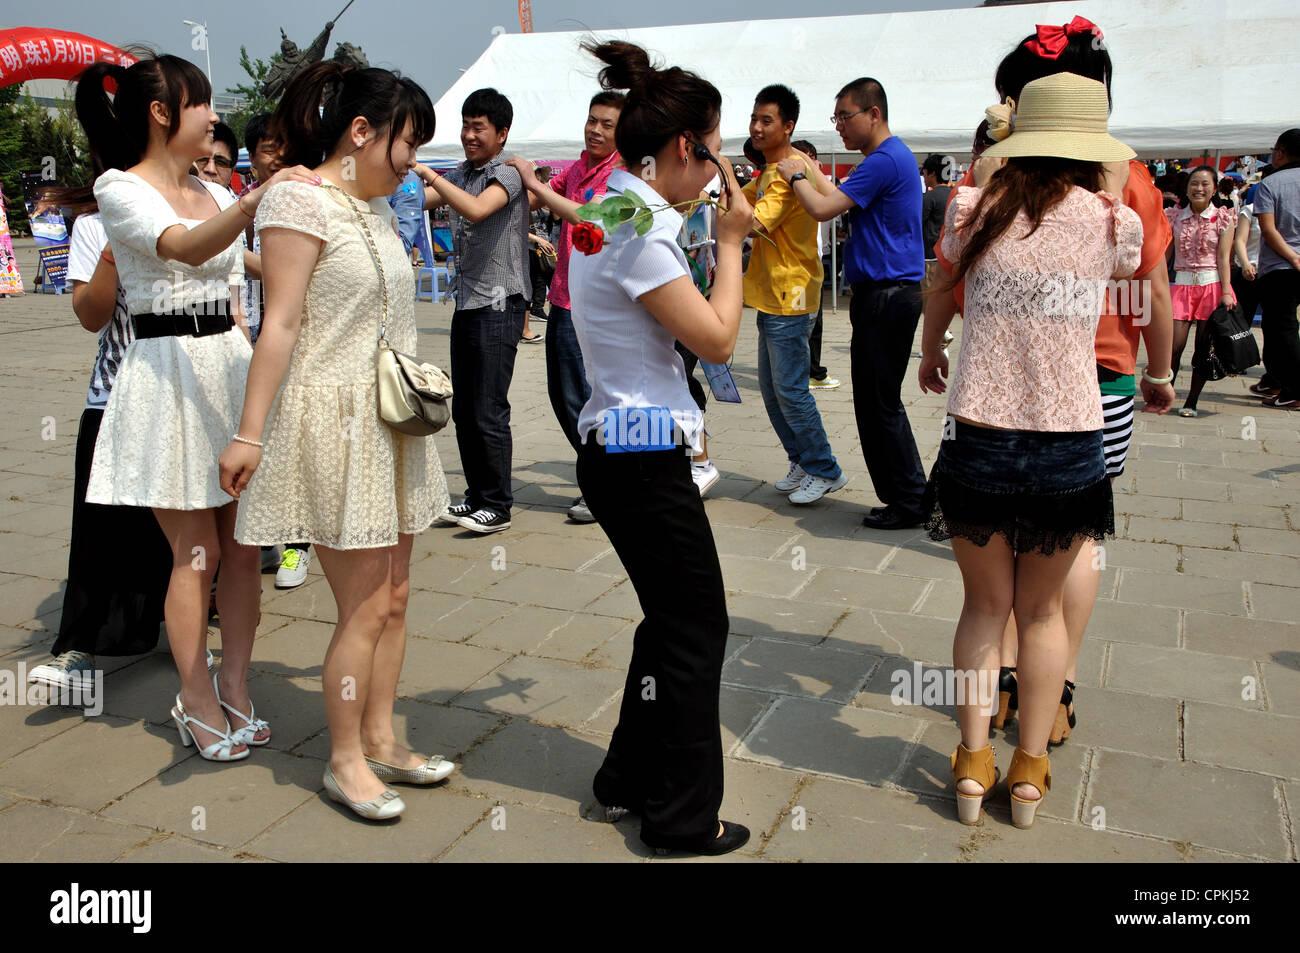 yung berg dating history